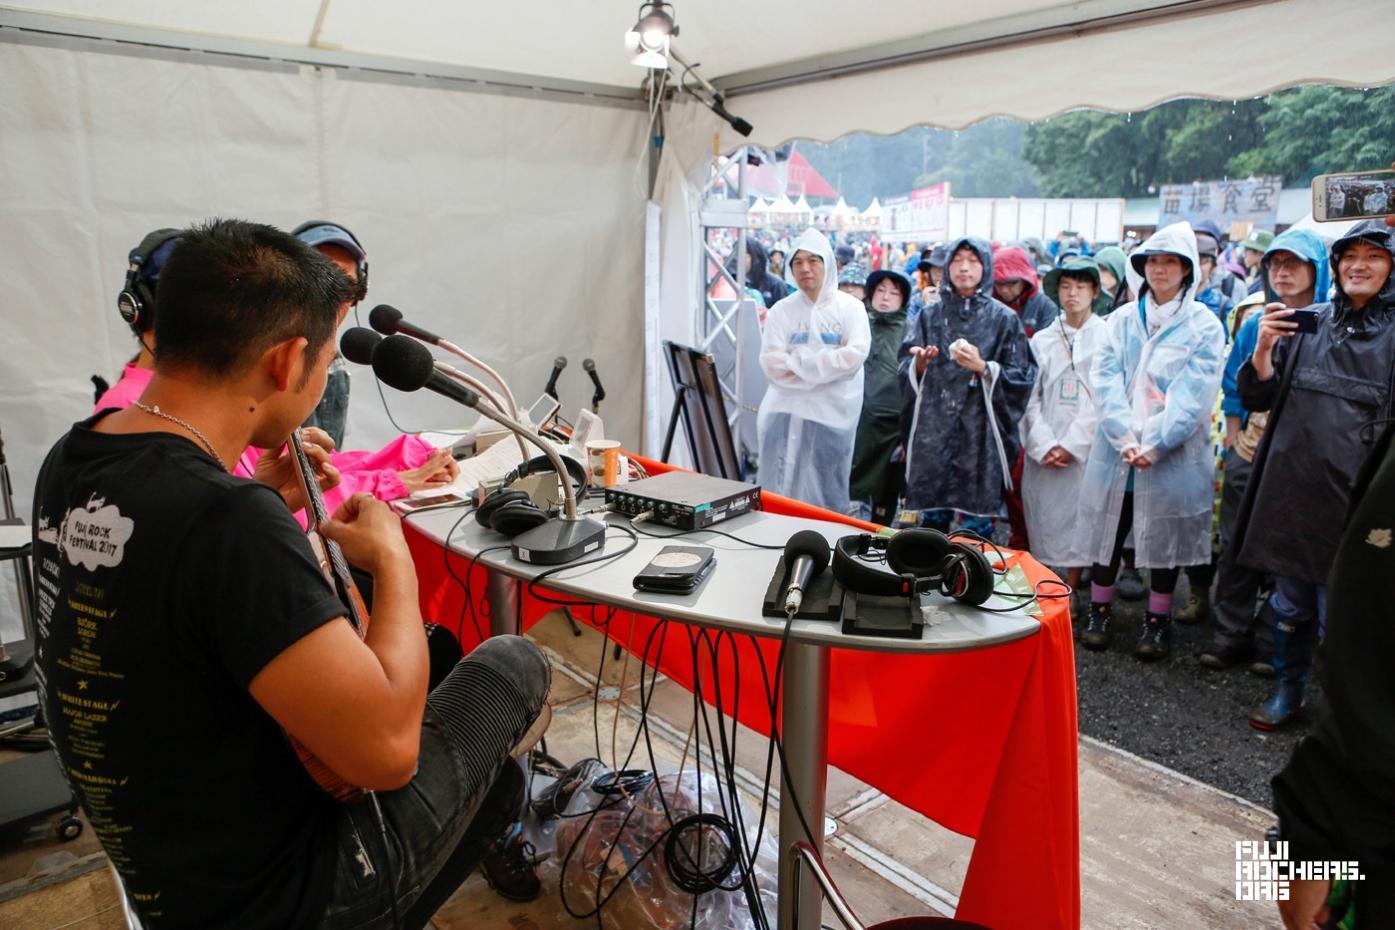 2017年のフジロック 雨の中、ジェイクシマブクロをゲストに公開収録 | Photo by 古川喜隆